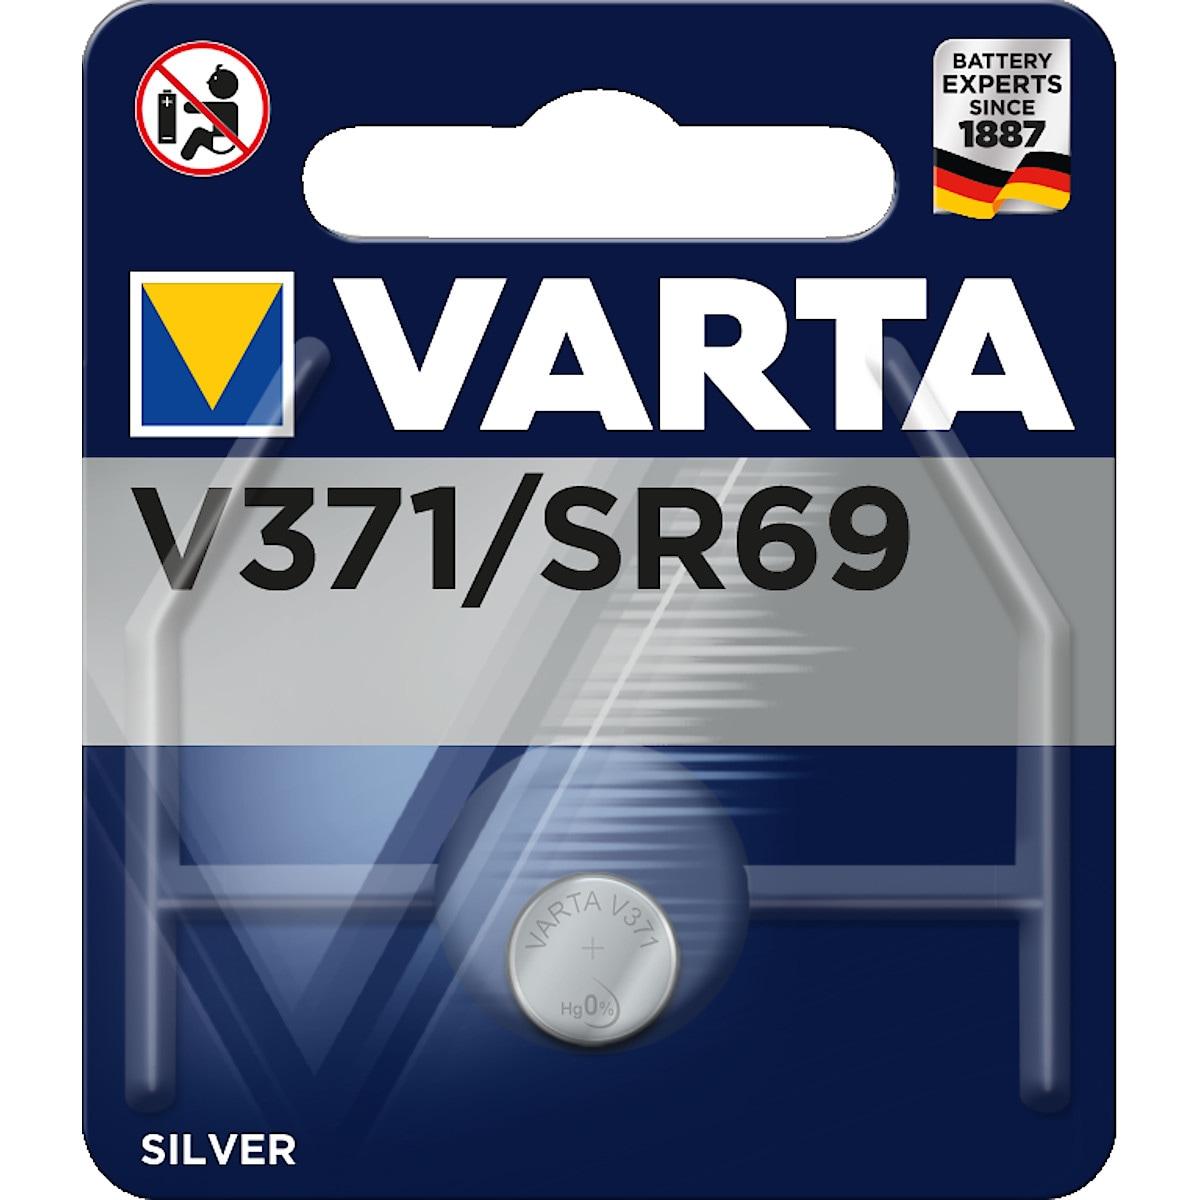 Knappcellsbatteri V371/SR69 VARTA